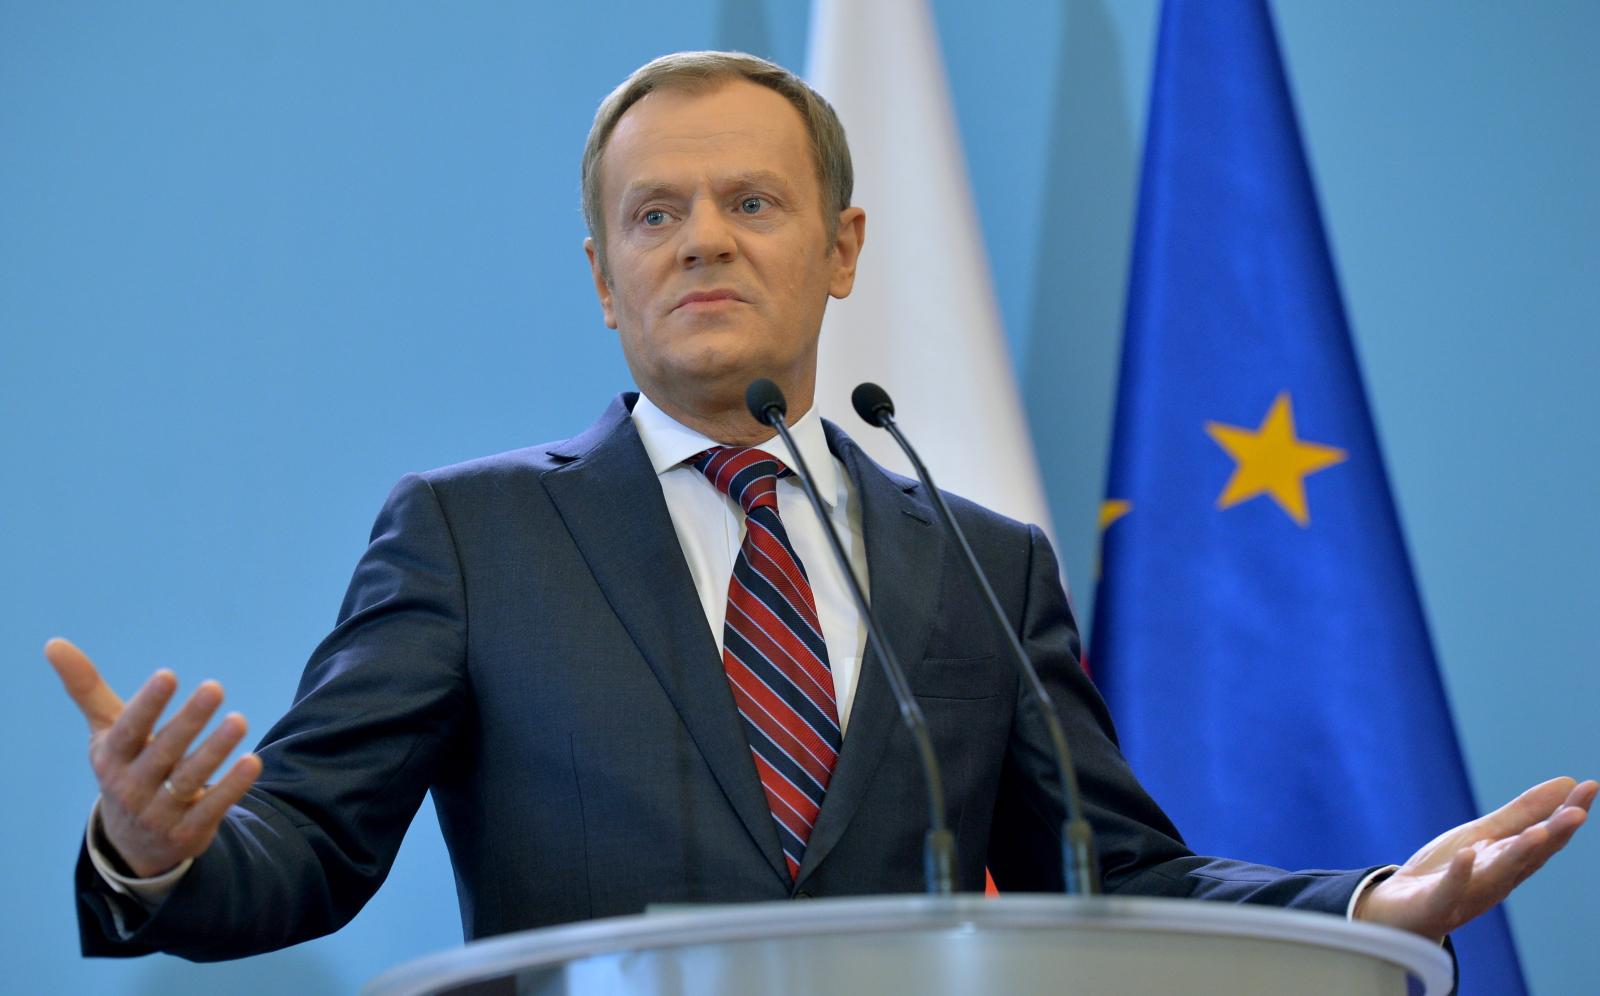 دونالد توسك رئيس المجلس الأوروبي